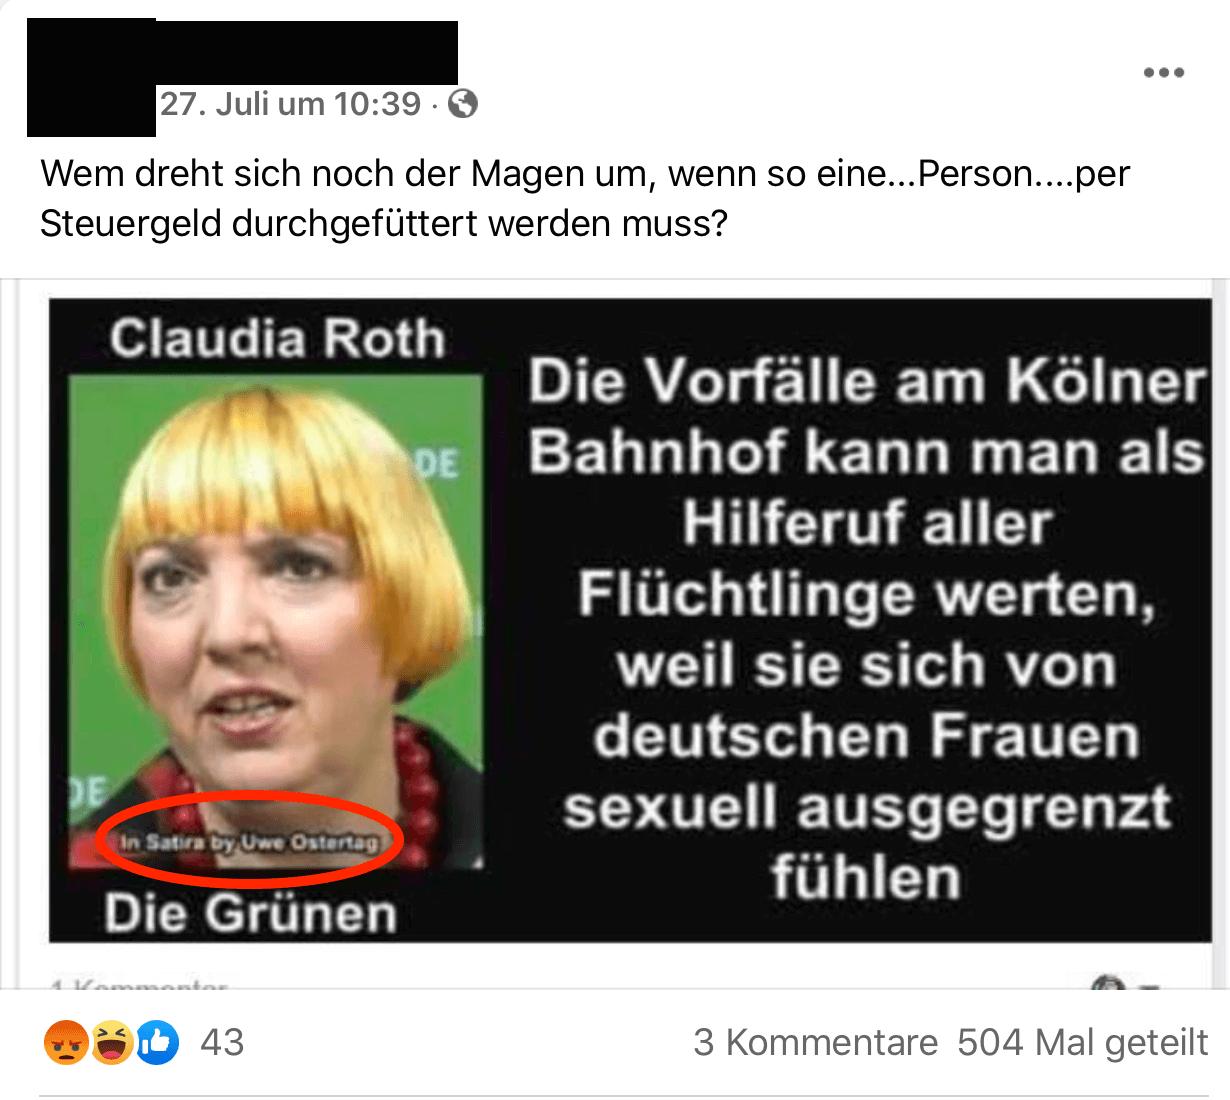 Silvesternacht 2015: Keine Belege, dass Claudia Roth die Übergriffe als Hilferuf Geflüchteter bezeichnet hat